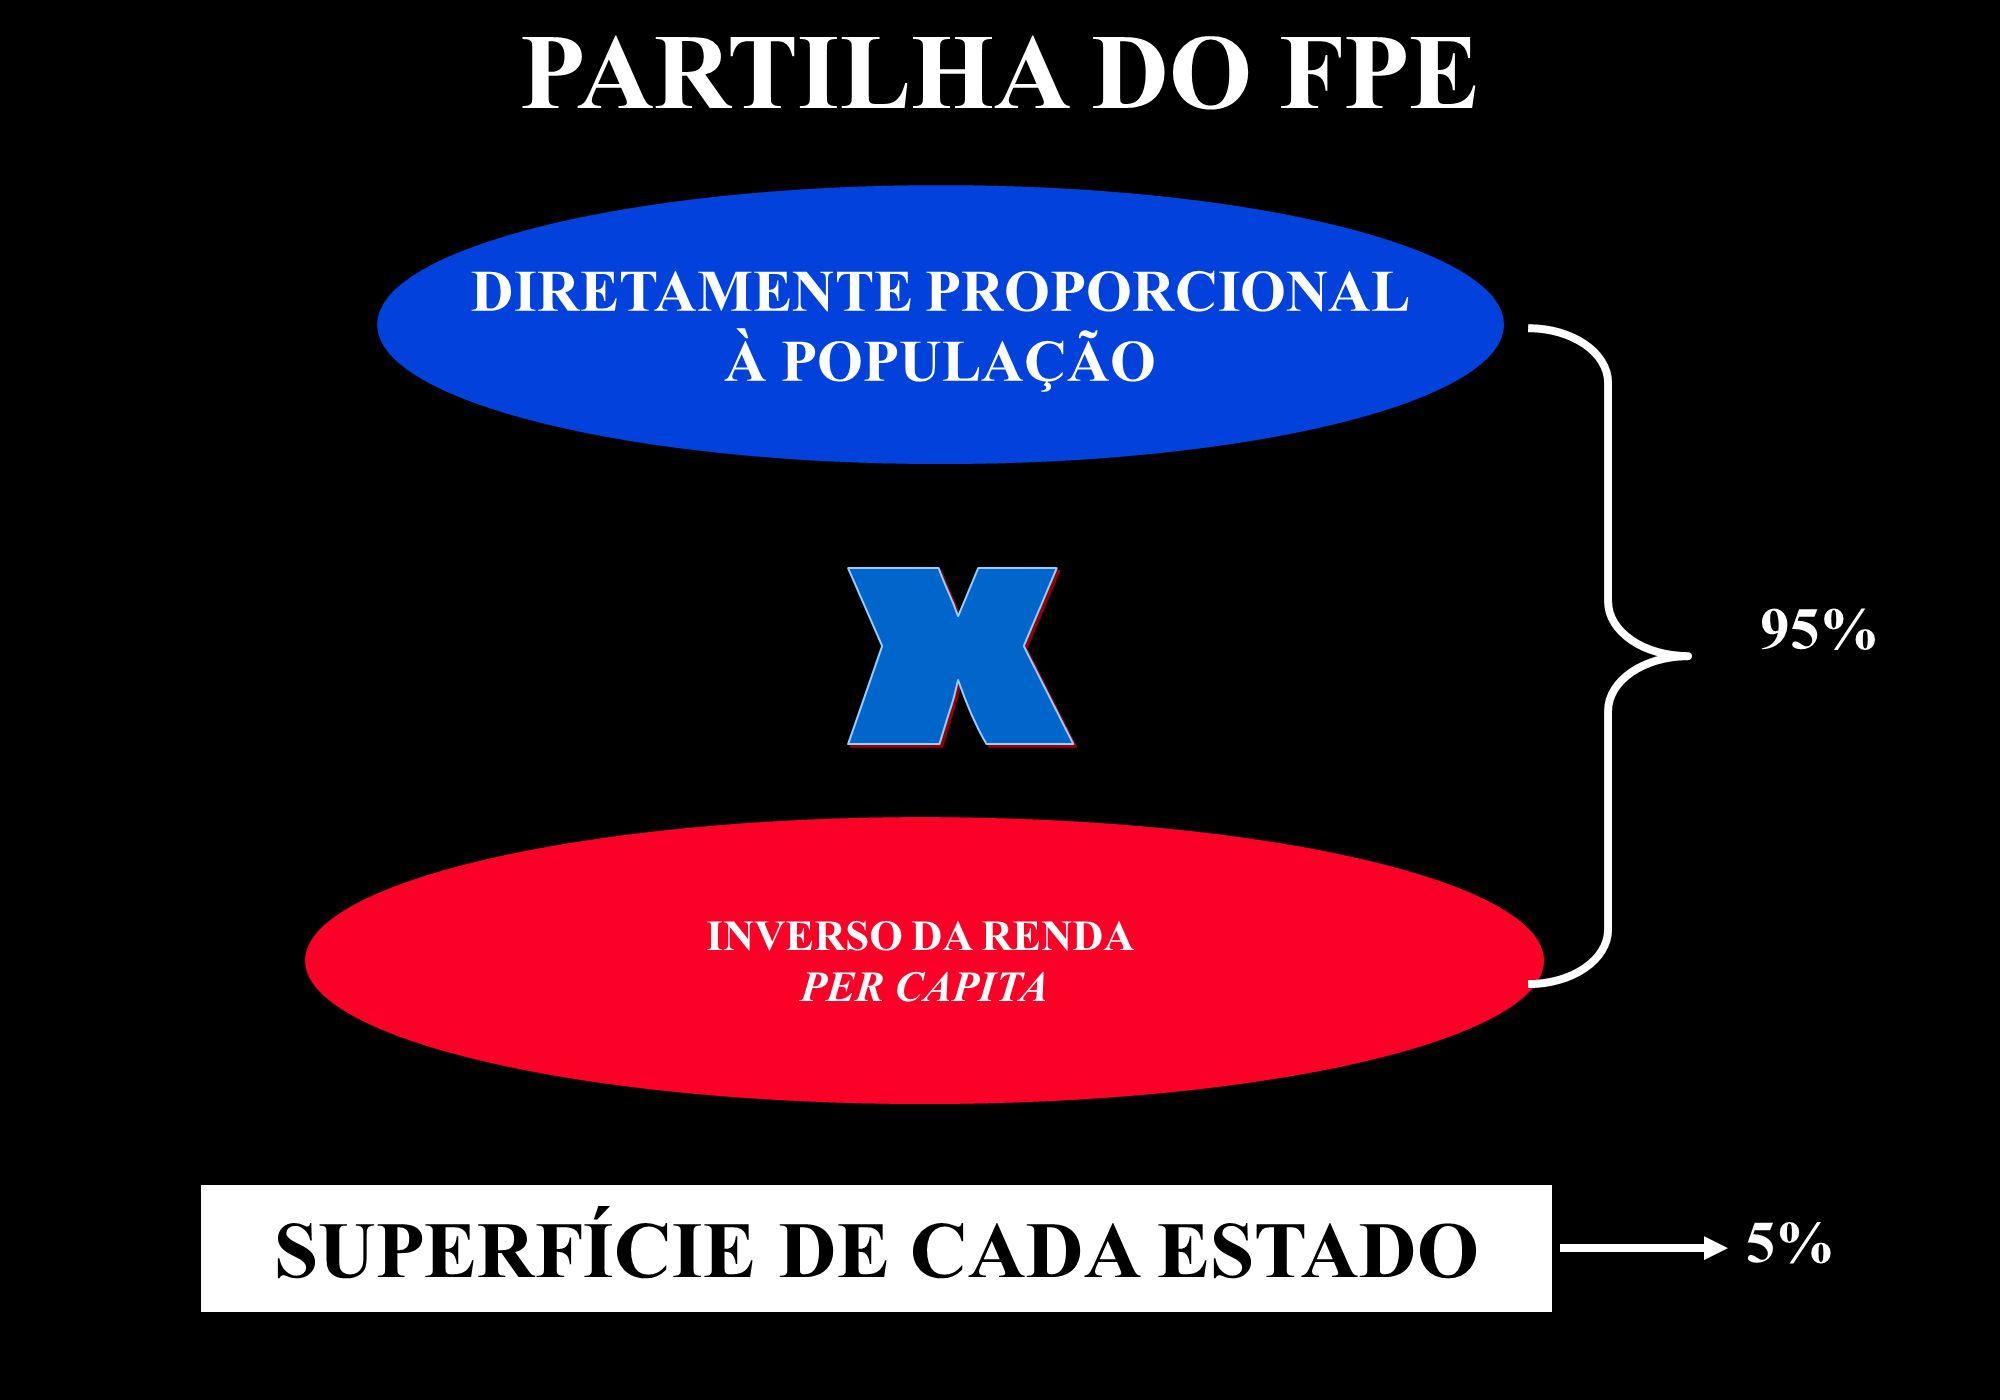 DIRETAMENTE PROPORCIONAL SUPERFÍCIE DE CADA ESTADO